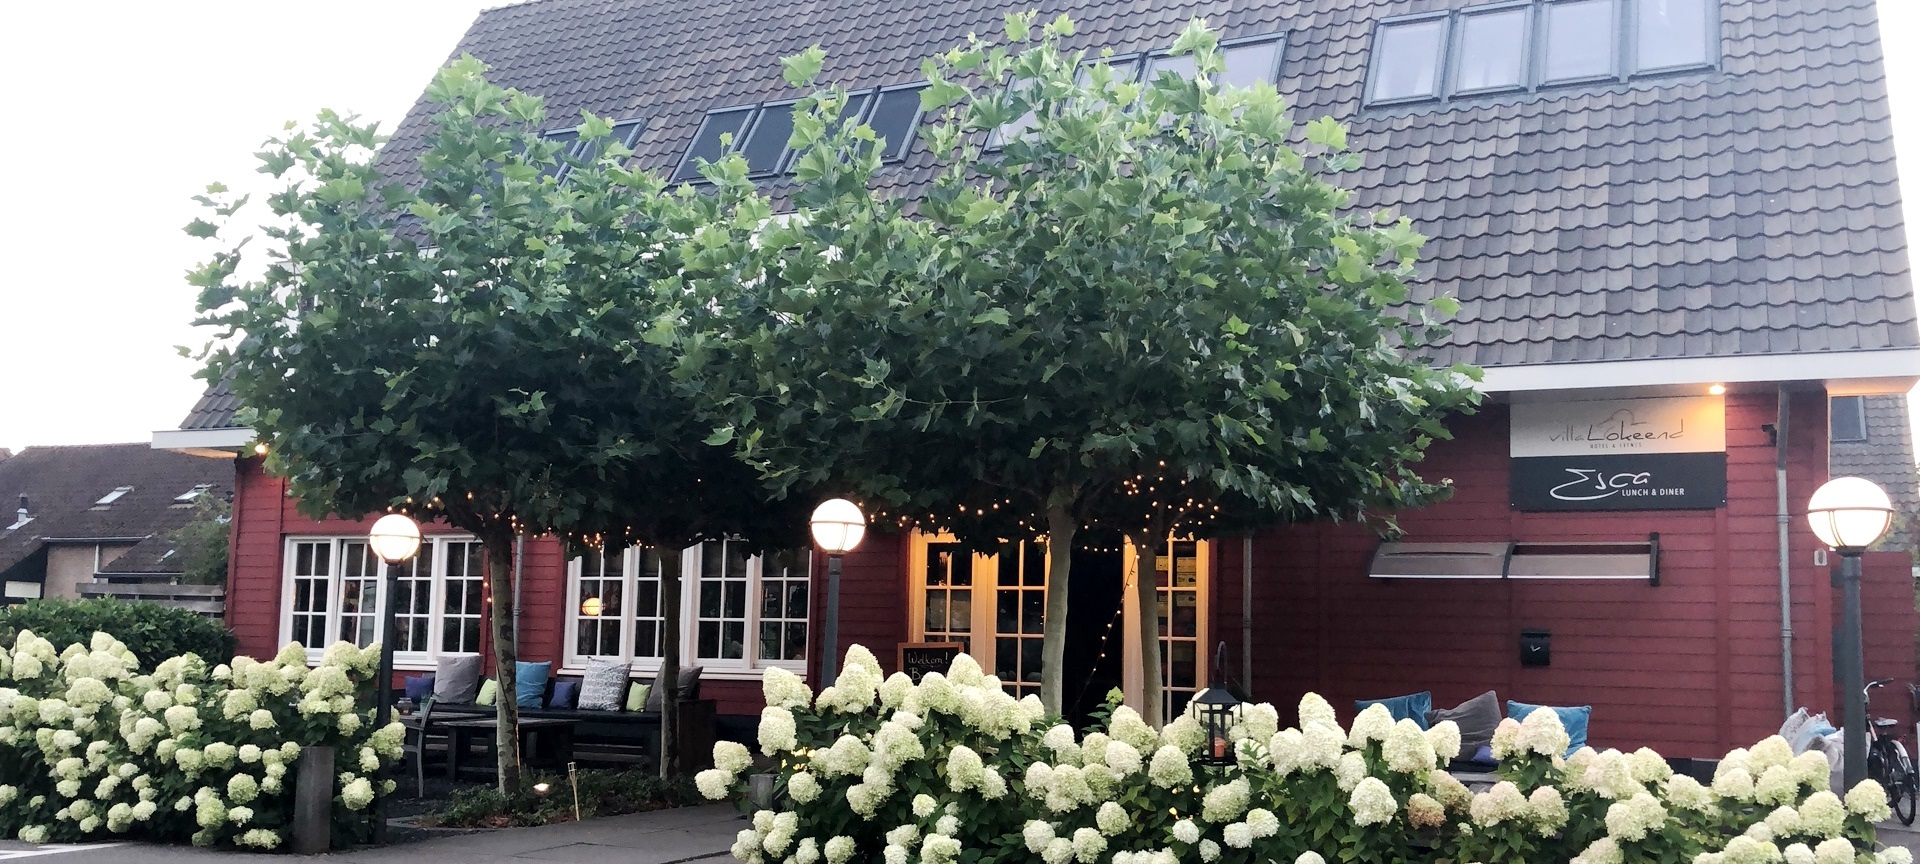 Hotel Villa Lokeend En Restaurant Esca In Vinkeveen